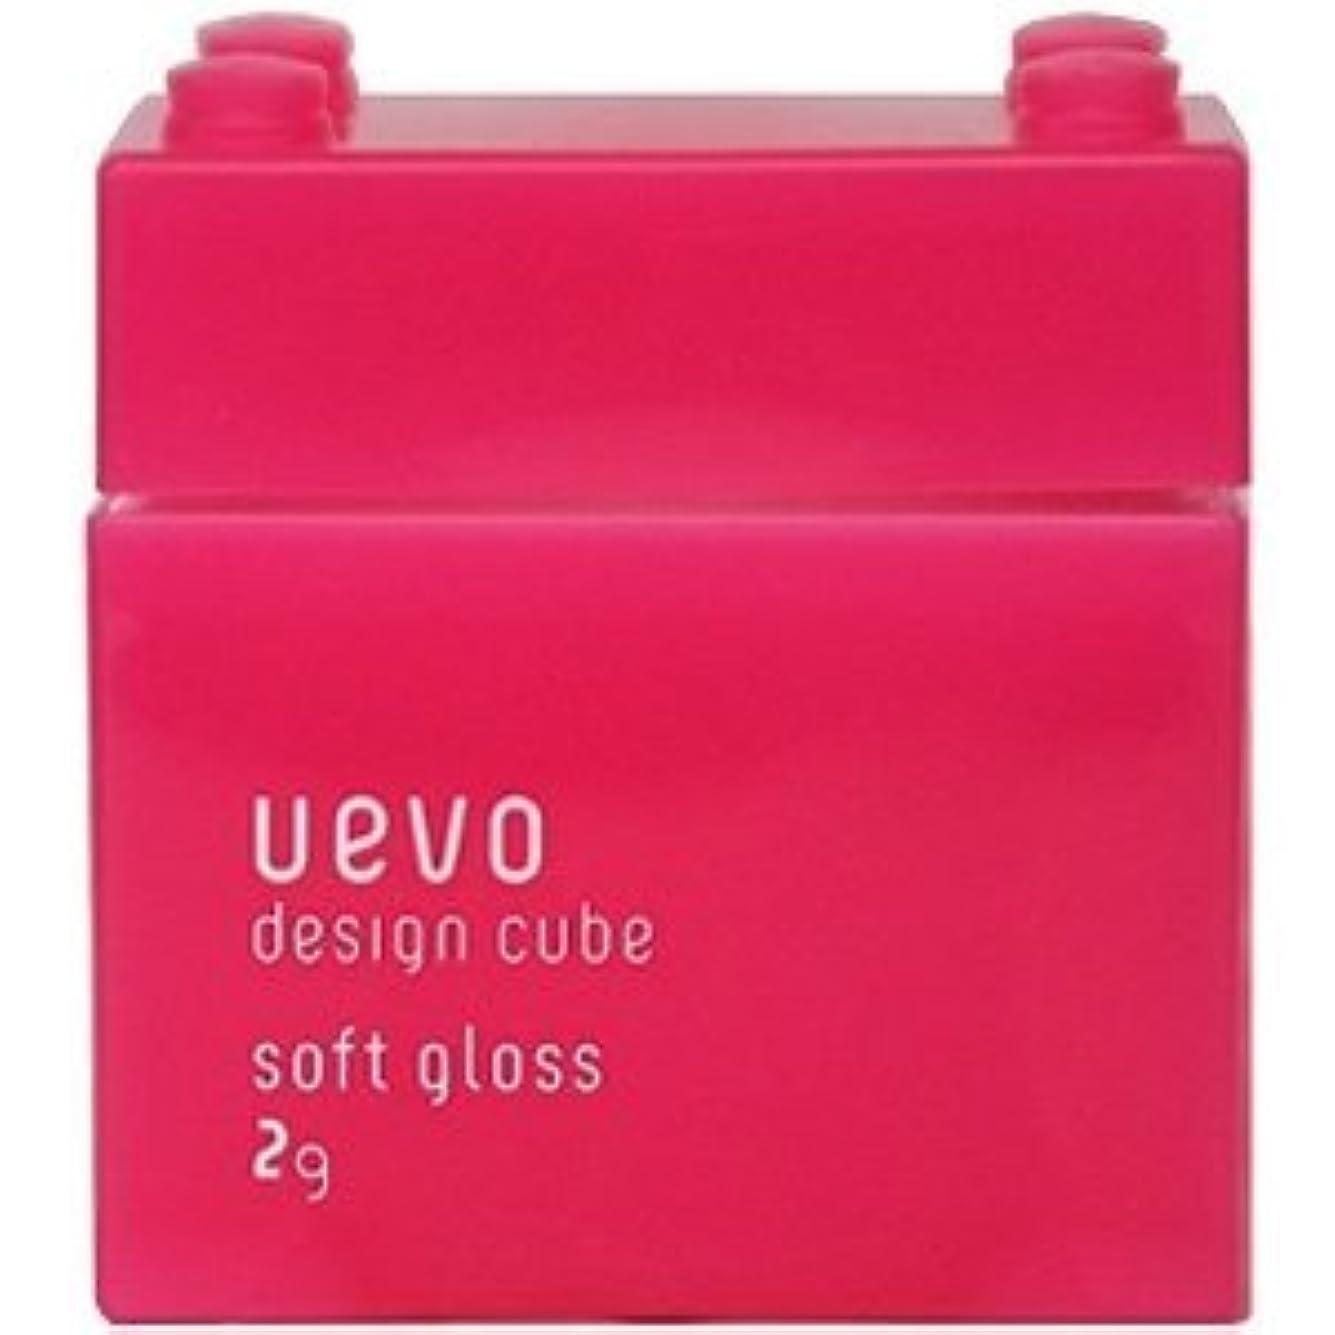 液化する前提条件写真【X2個セット】 デミ ウェーボ デザインキューブ ソフトグロス 80g soft gloss DEMI uevo design cube